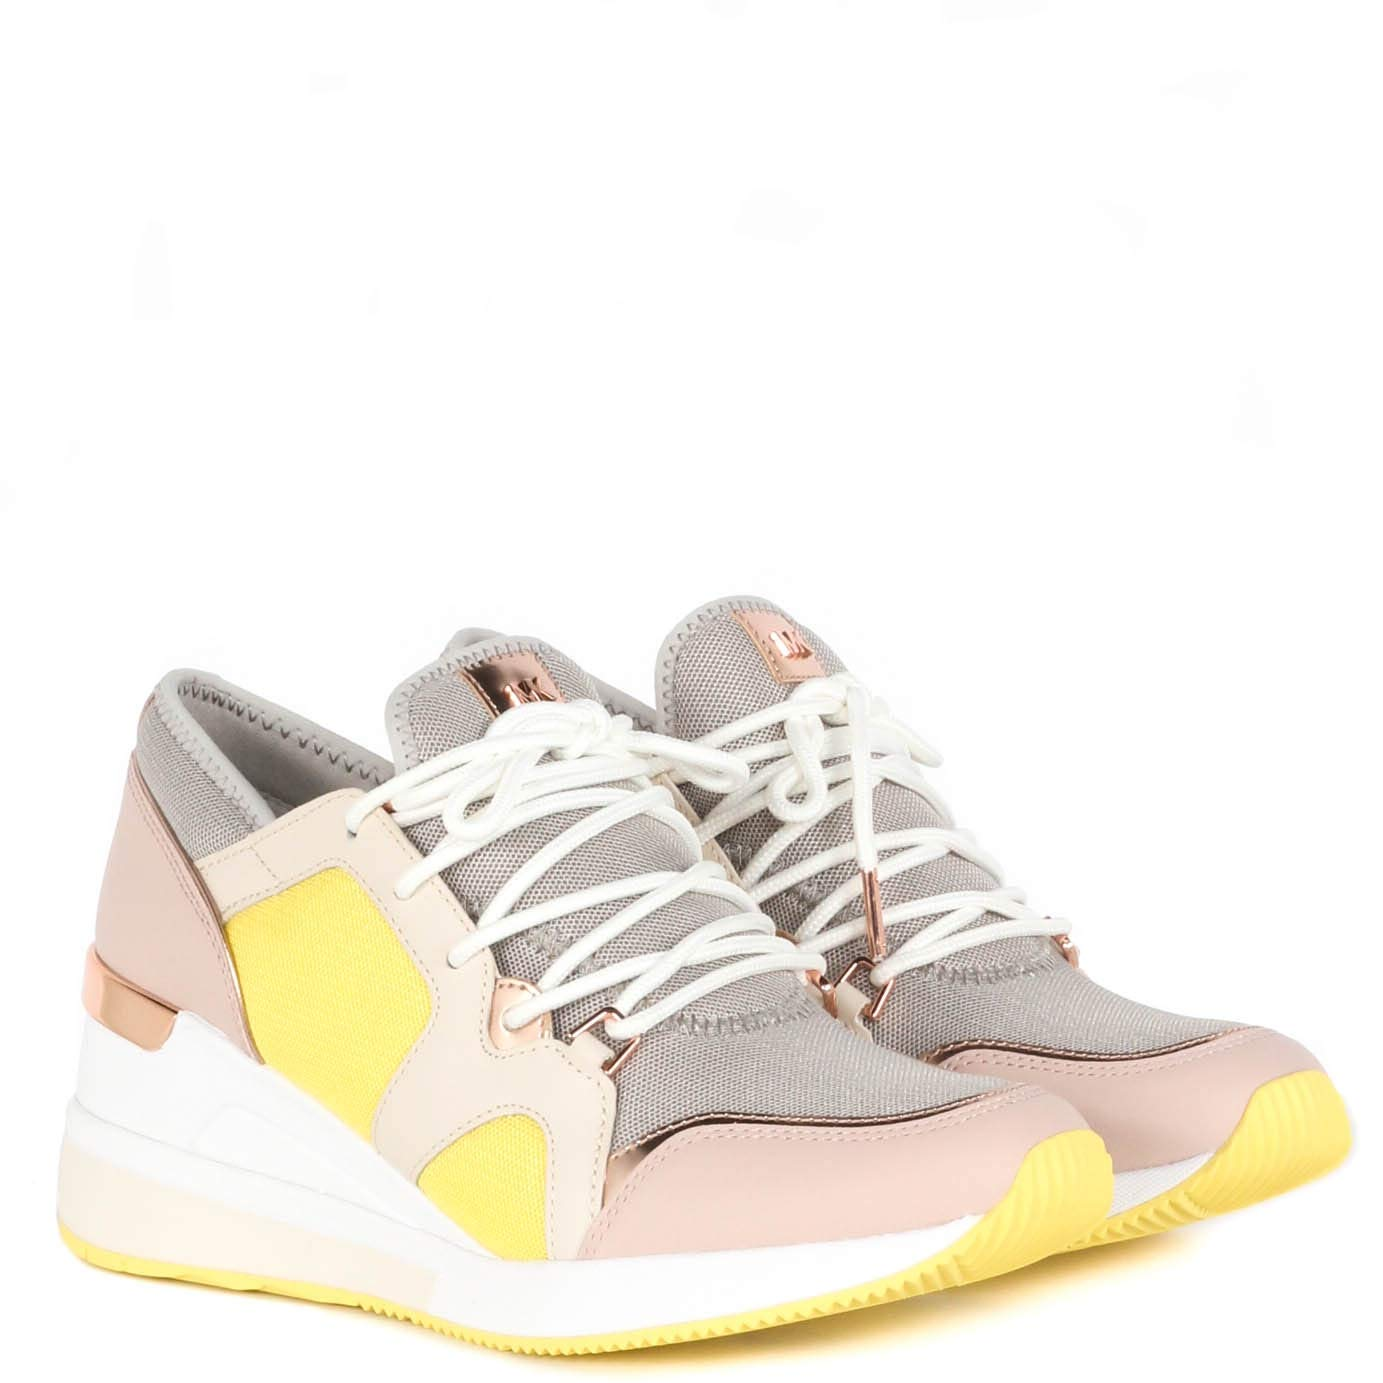 Michael Kors MK Women's Liv Trainer Canvas Sneakers Shoes Oxblood (5, Aluminum)